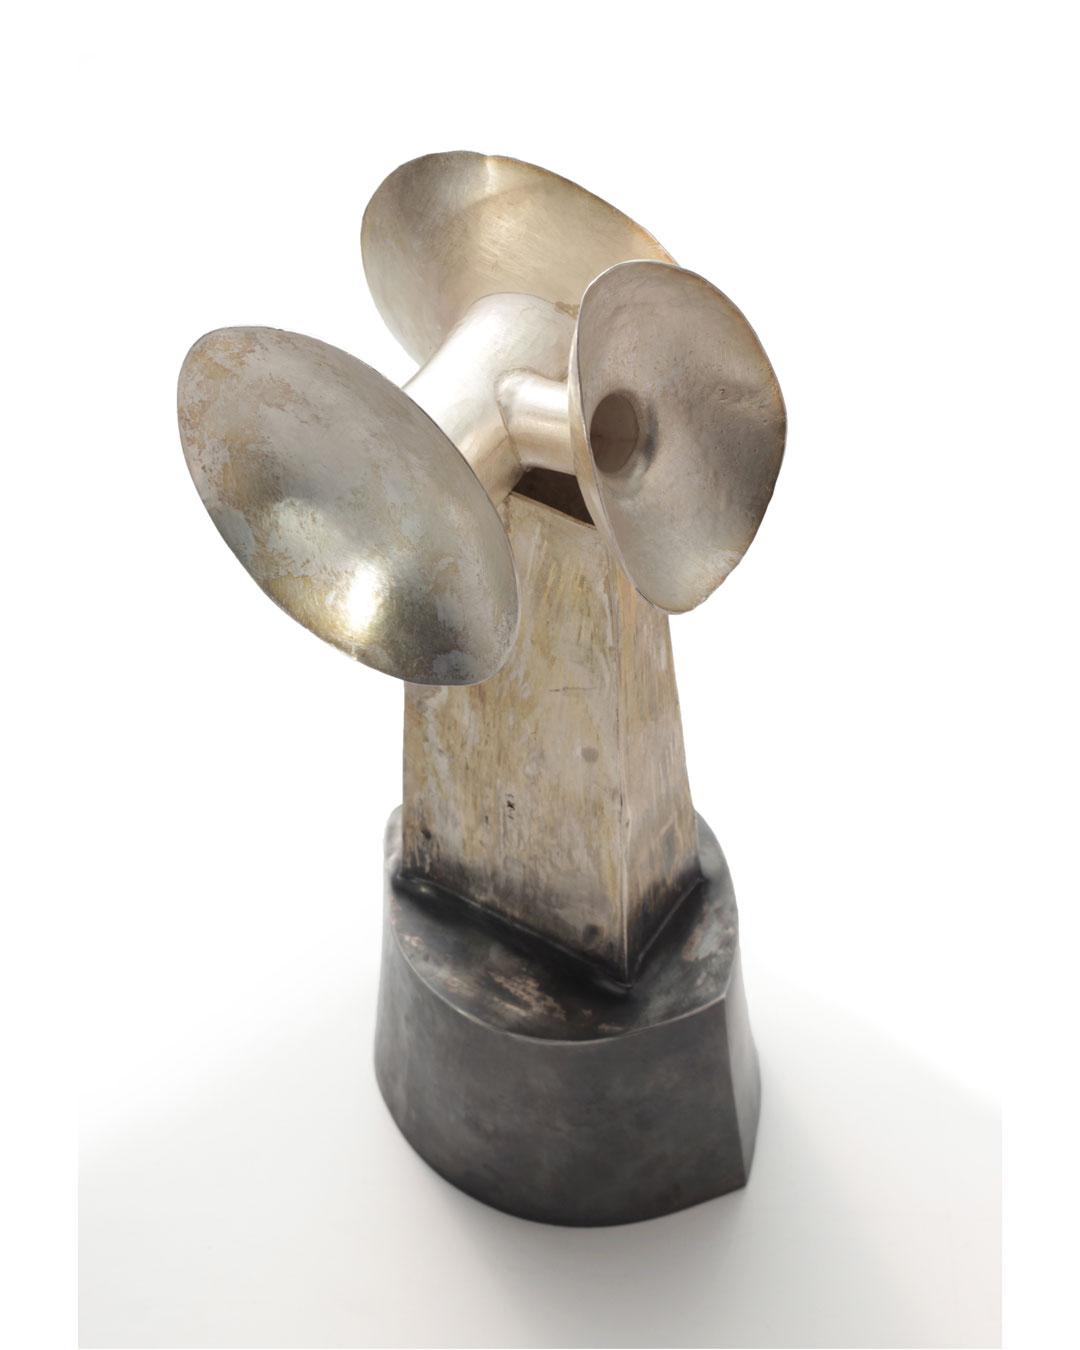 Rudolf Kocéa, Ausgezeichnet (Uitstekend), 2014, object; zilver, koper, 300 x 130 x 100 mm, €7750